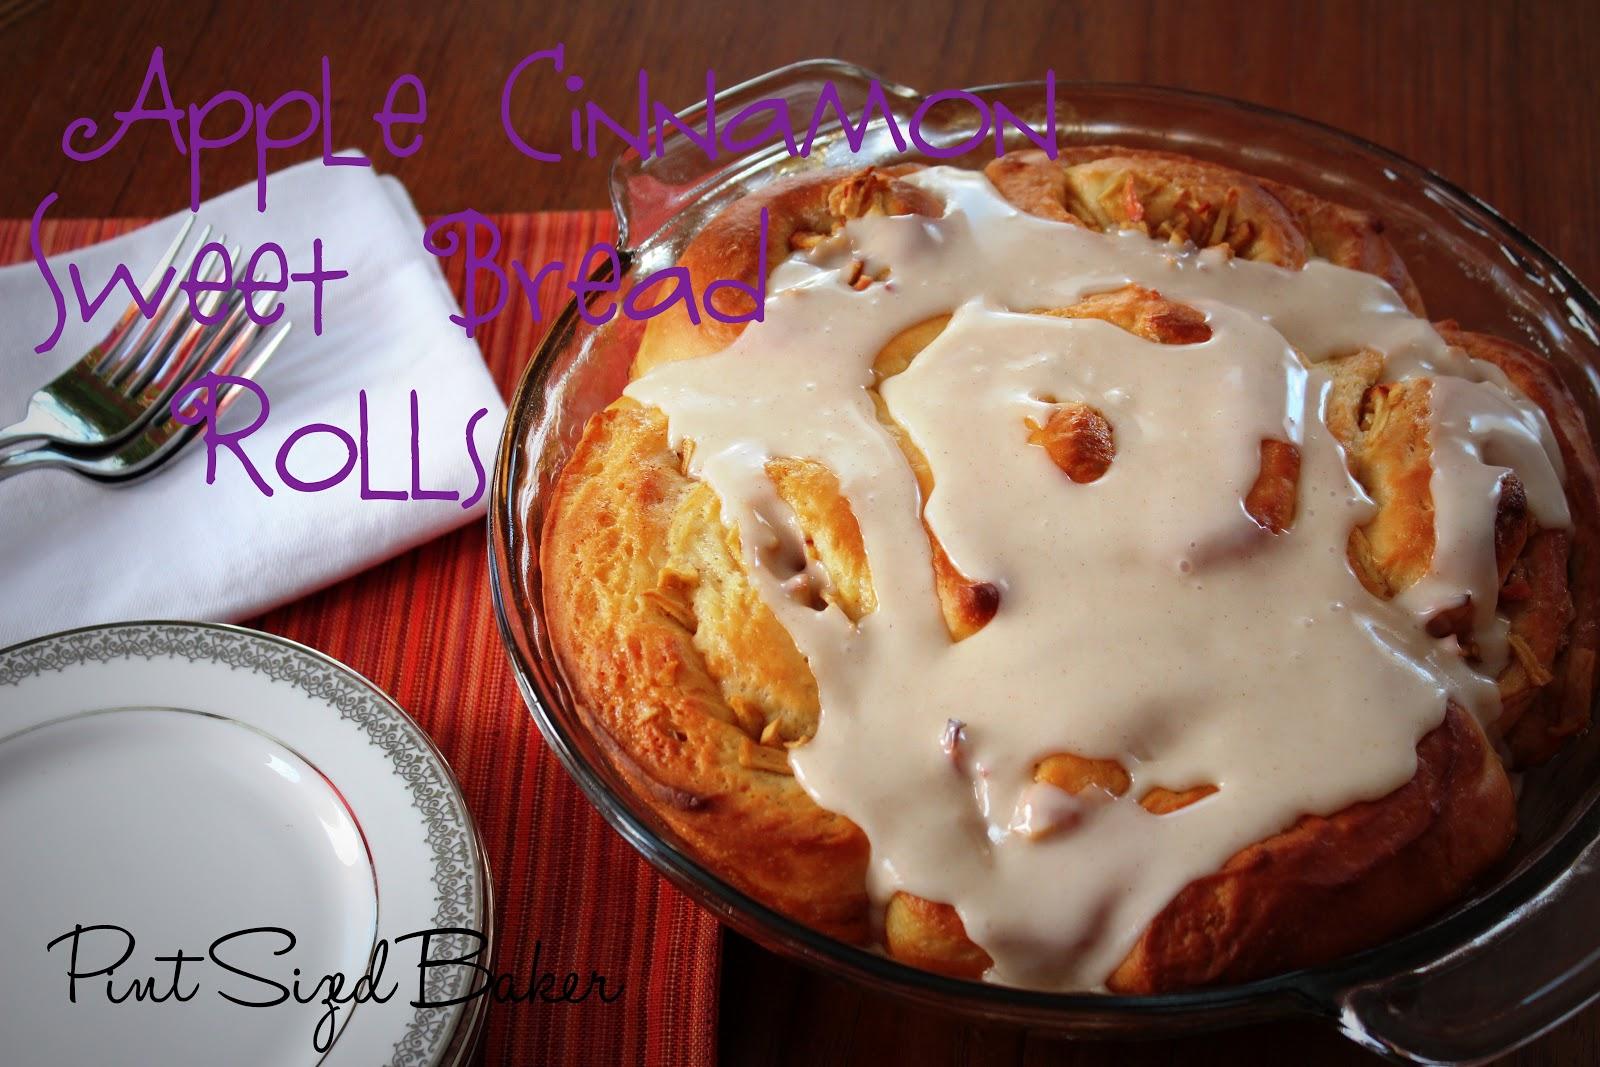 Apple Cinnamon Sweet Bread Roll - Pint Sized Baker